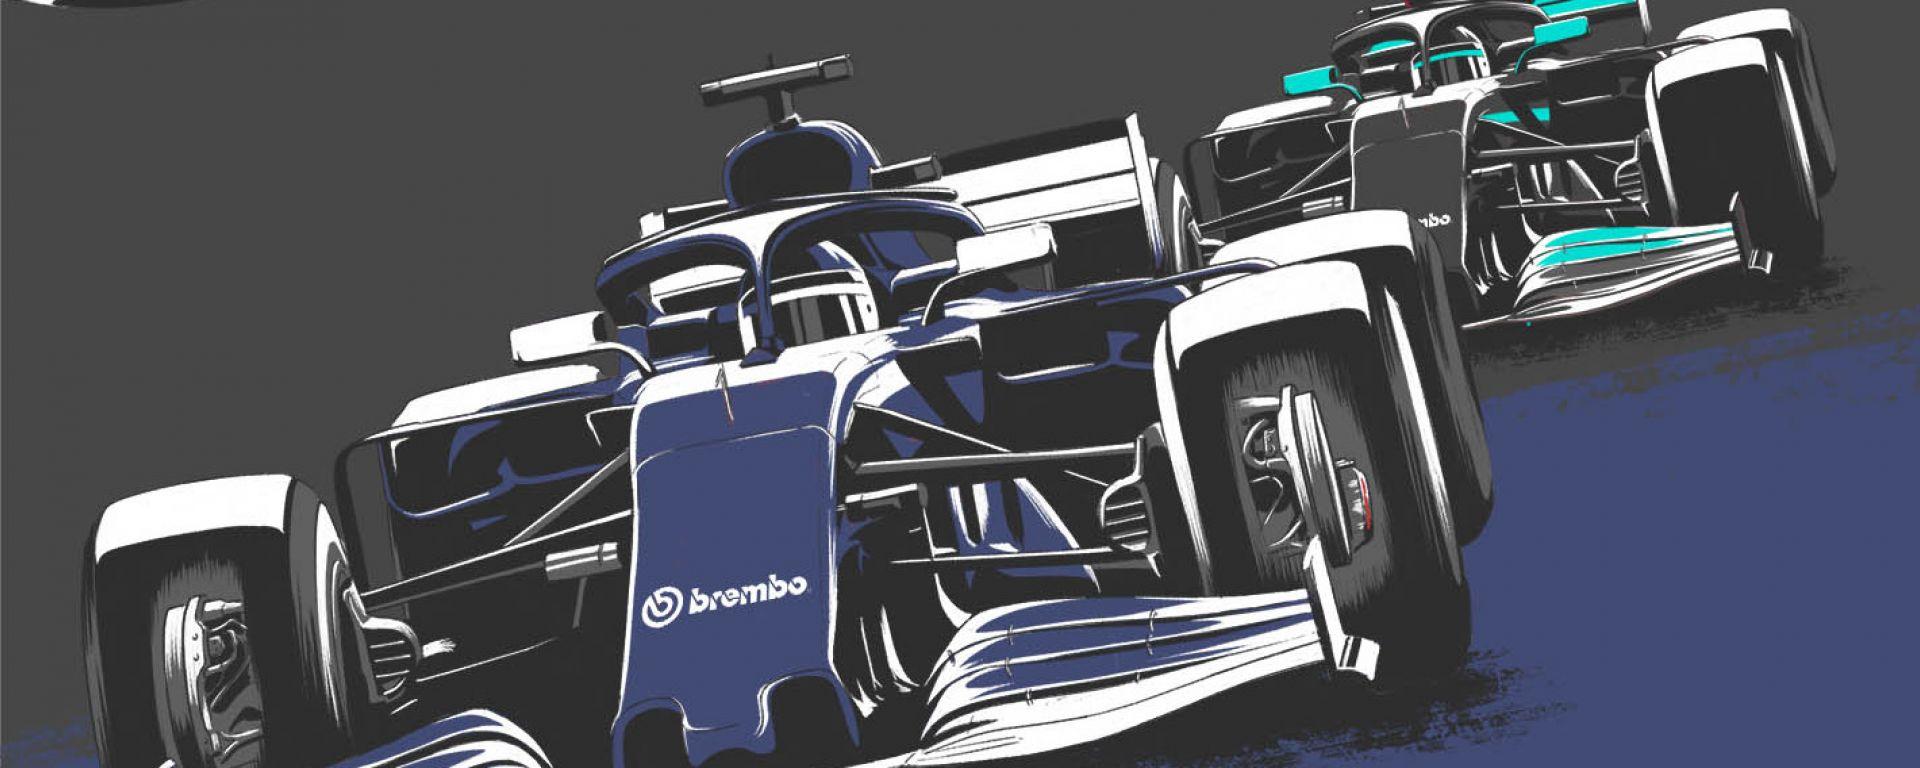 F1 Poster sorpasso AlphaTauri su Mercedes by Brembo